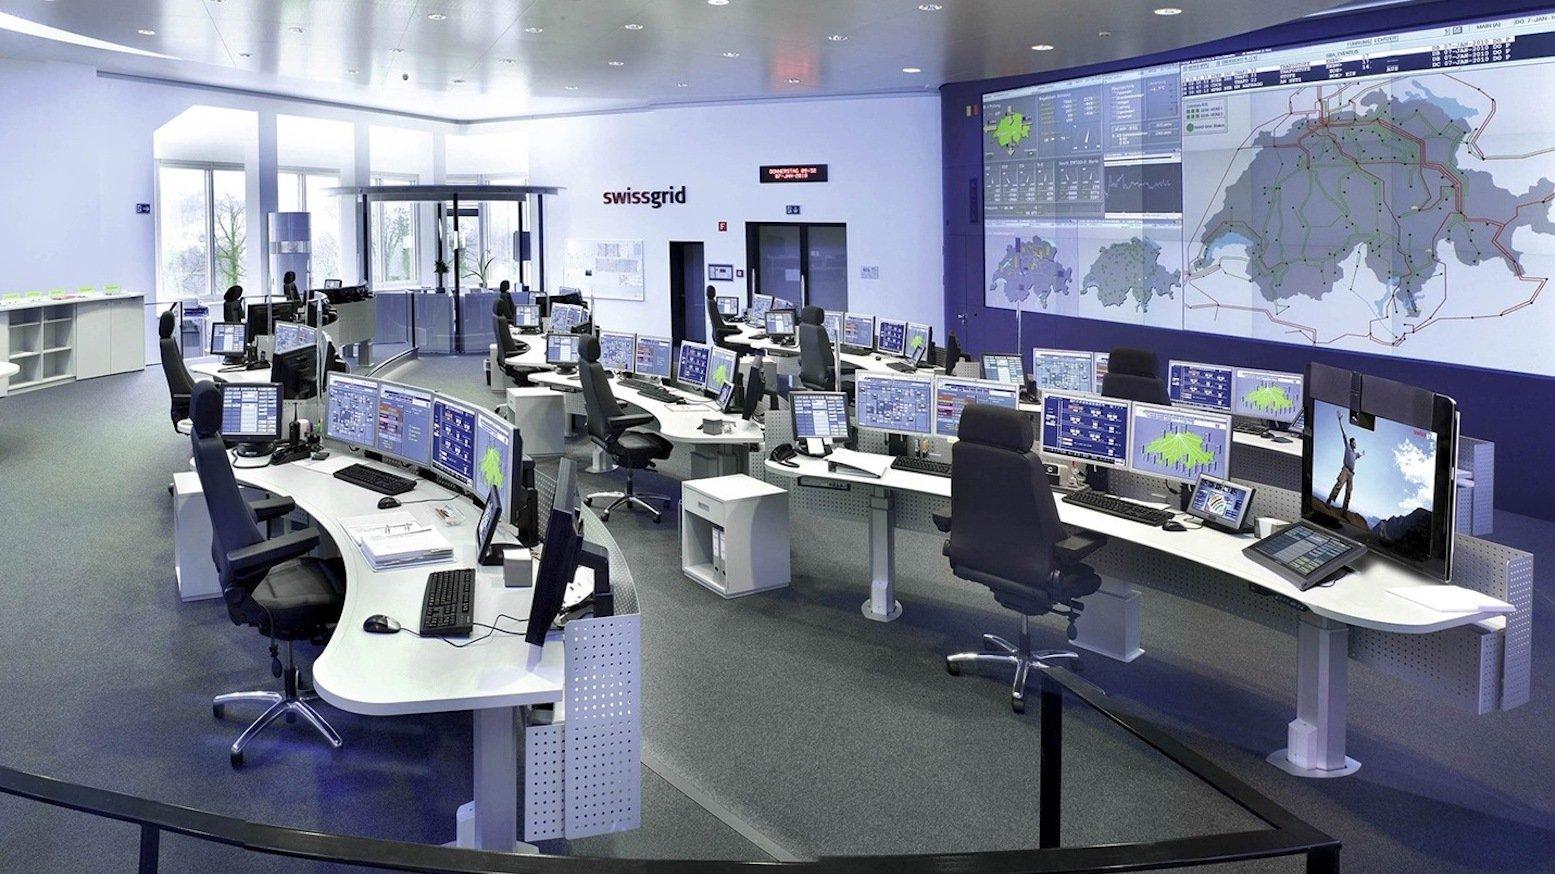 Zentrale des Schweizer Netzbetreibers Swissgrid: Von einem intelligenten Stromnetz ist Deutschland noch weit entfernt. Die Haushalte sind noch nicht einmal mit intelligenten Stromzählern ausgerüstet.